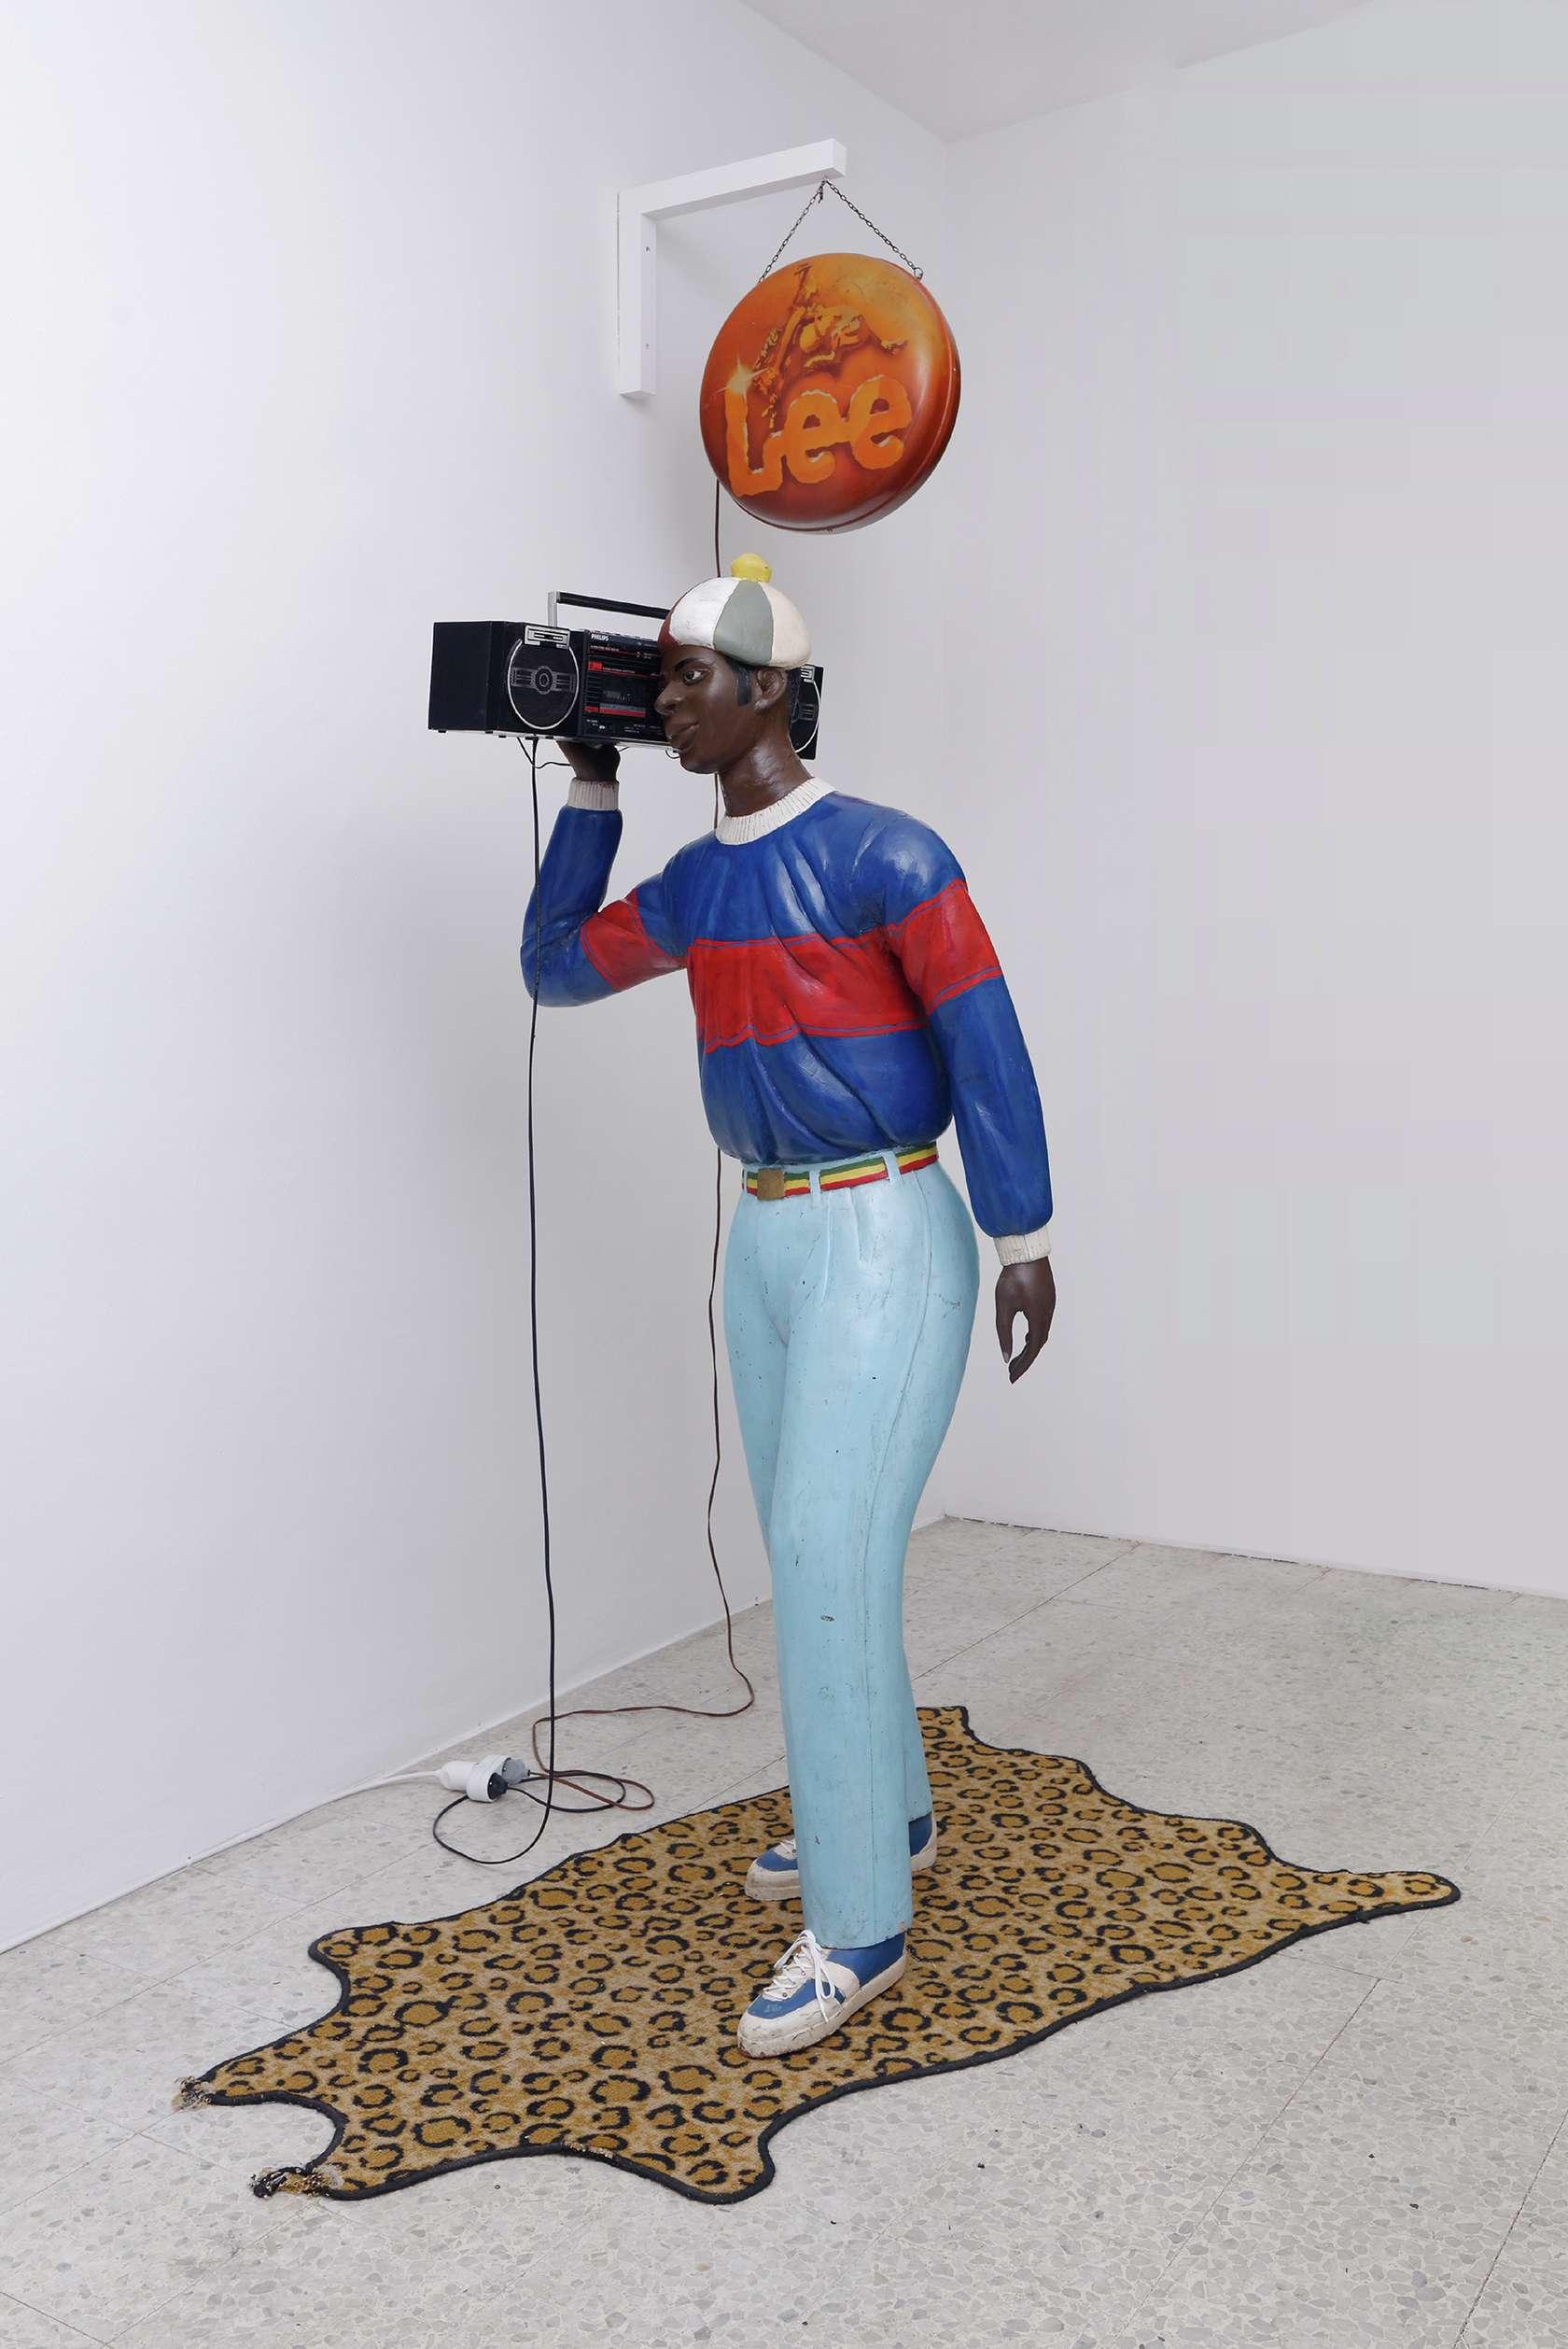 Présence Panchounette, Disco Boy, 1985 Sculpture en bois peint (Nicolas Damas), ghetto blaster et cassette audio, tapis, enseigne lumineuse